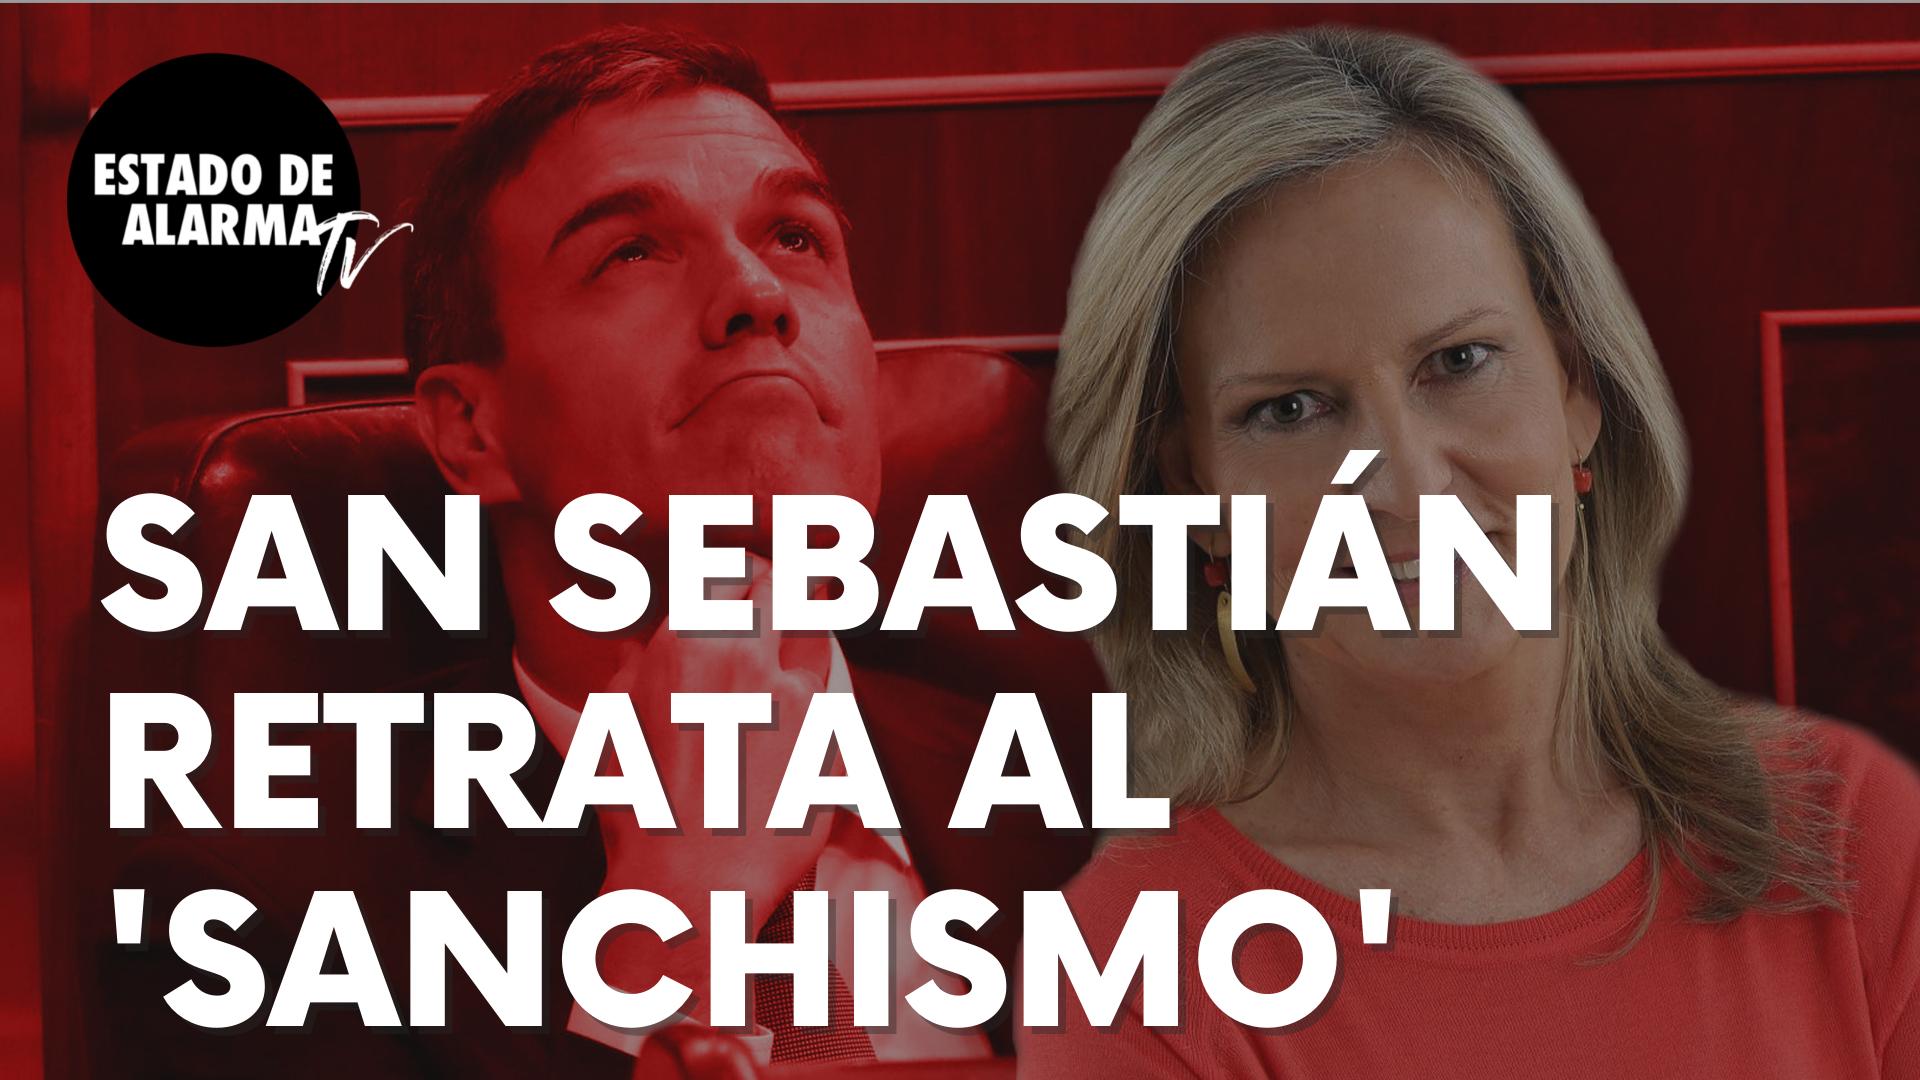 """La periodista Isabel San Sebastián retrata al 'sanchismo' tras el 4-M: """"Se aferra a la poltrona"""""""